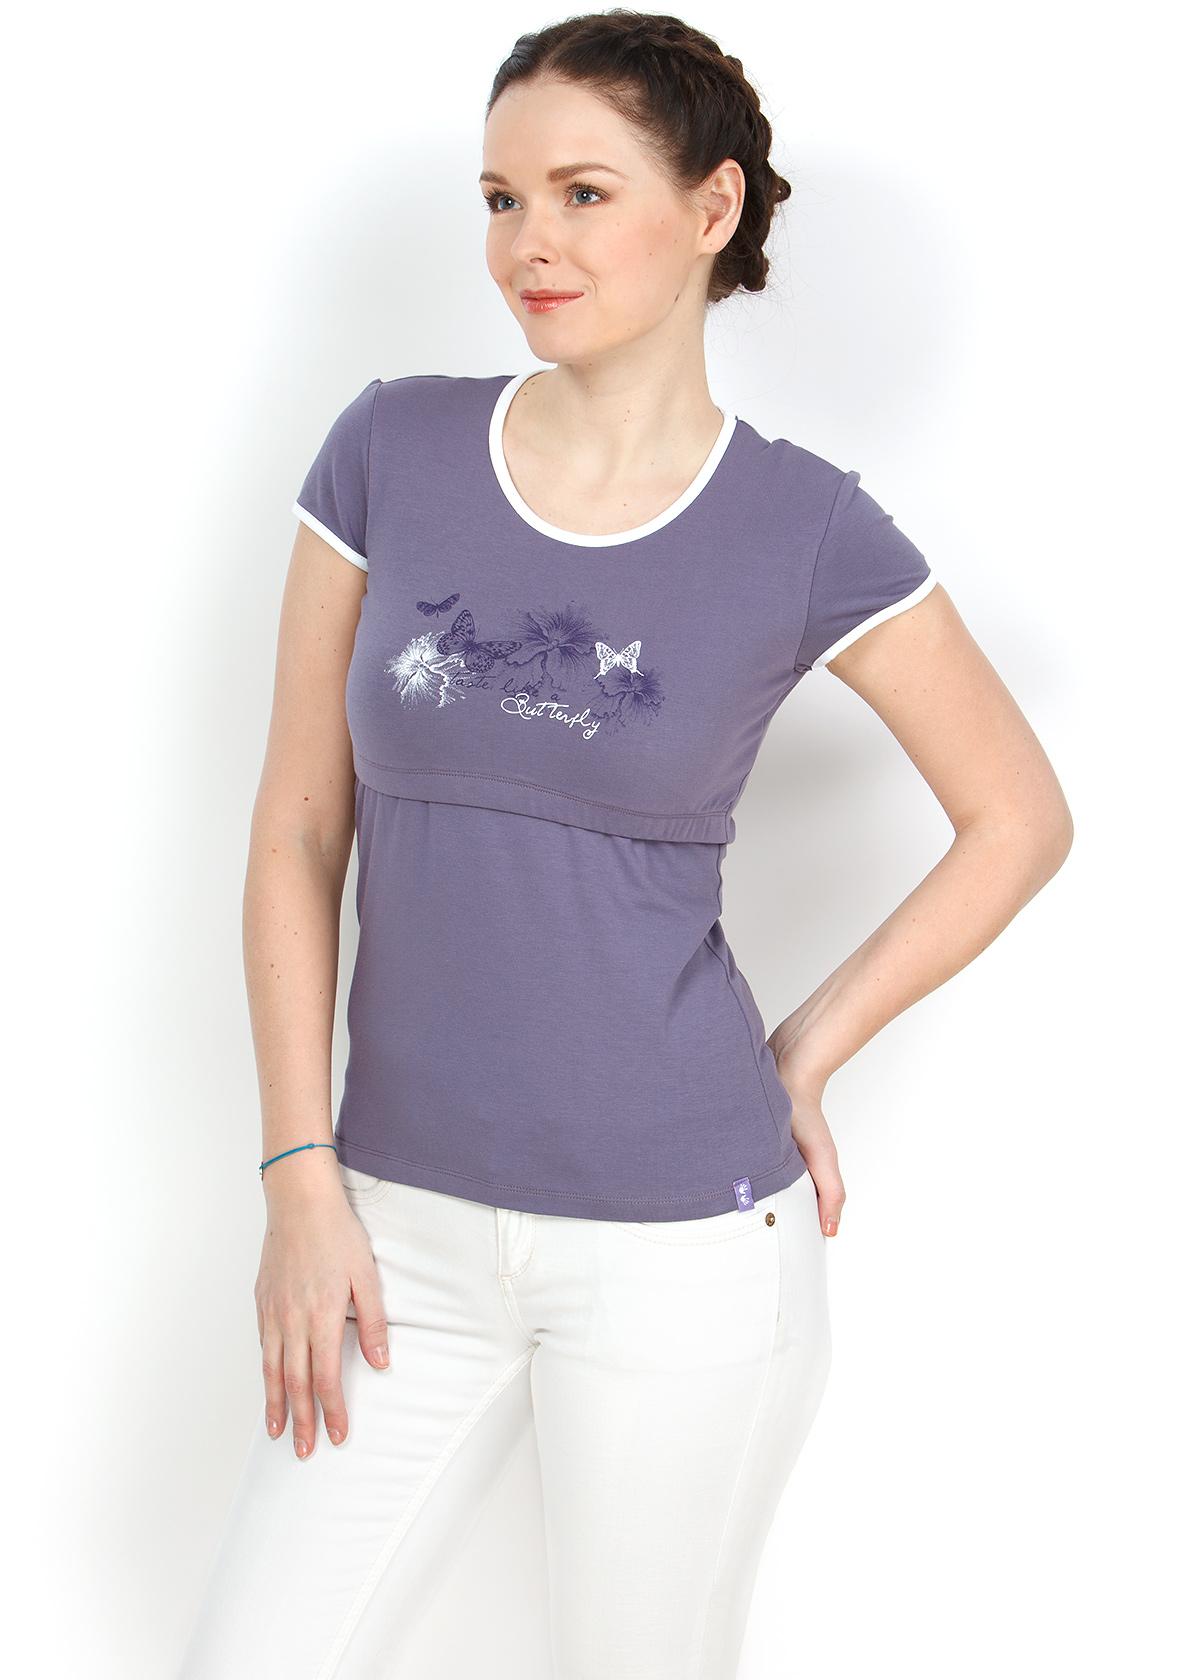 Футболка ФХ03 лаванда для кормления грудью, купить в Минске, женская  футболка для кормящих грудью 46938201f01